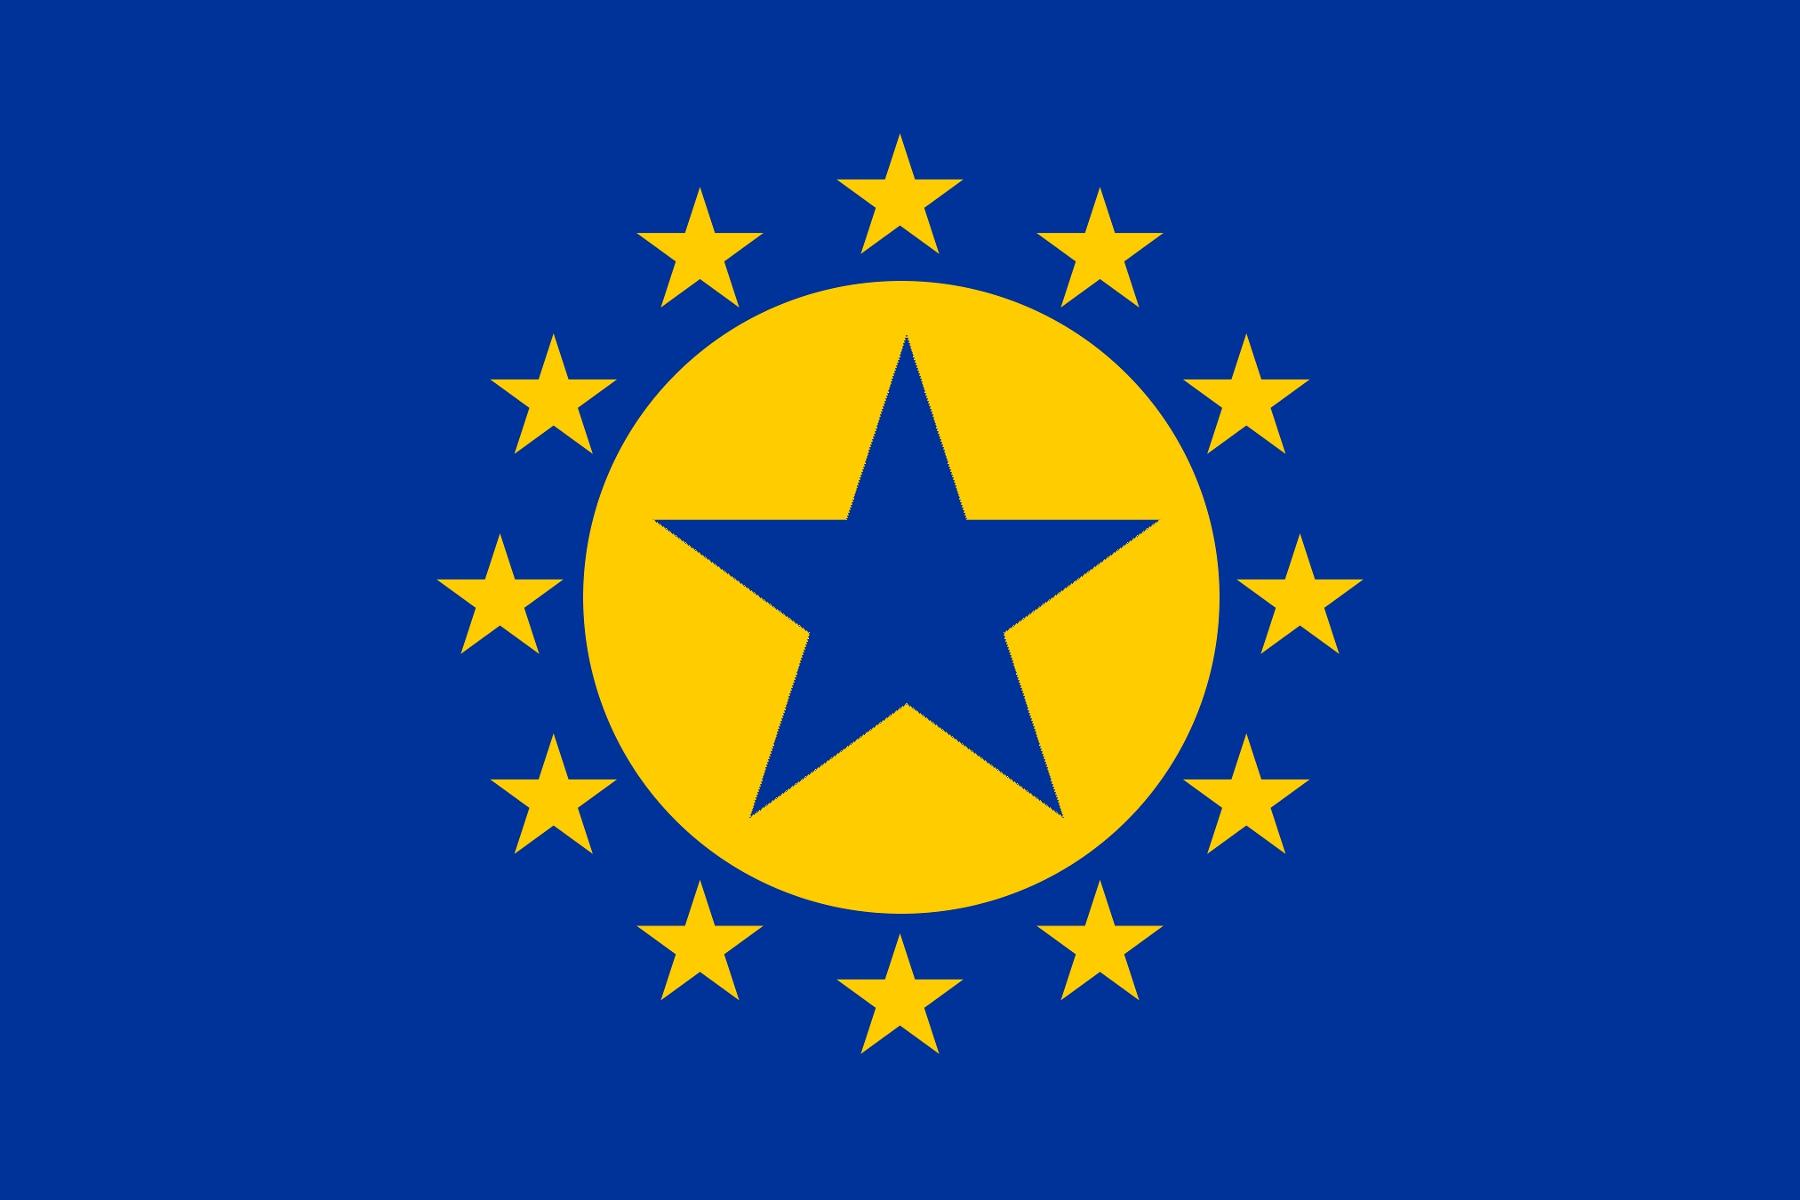 Flagge der Europäischen Föderation